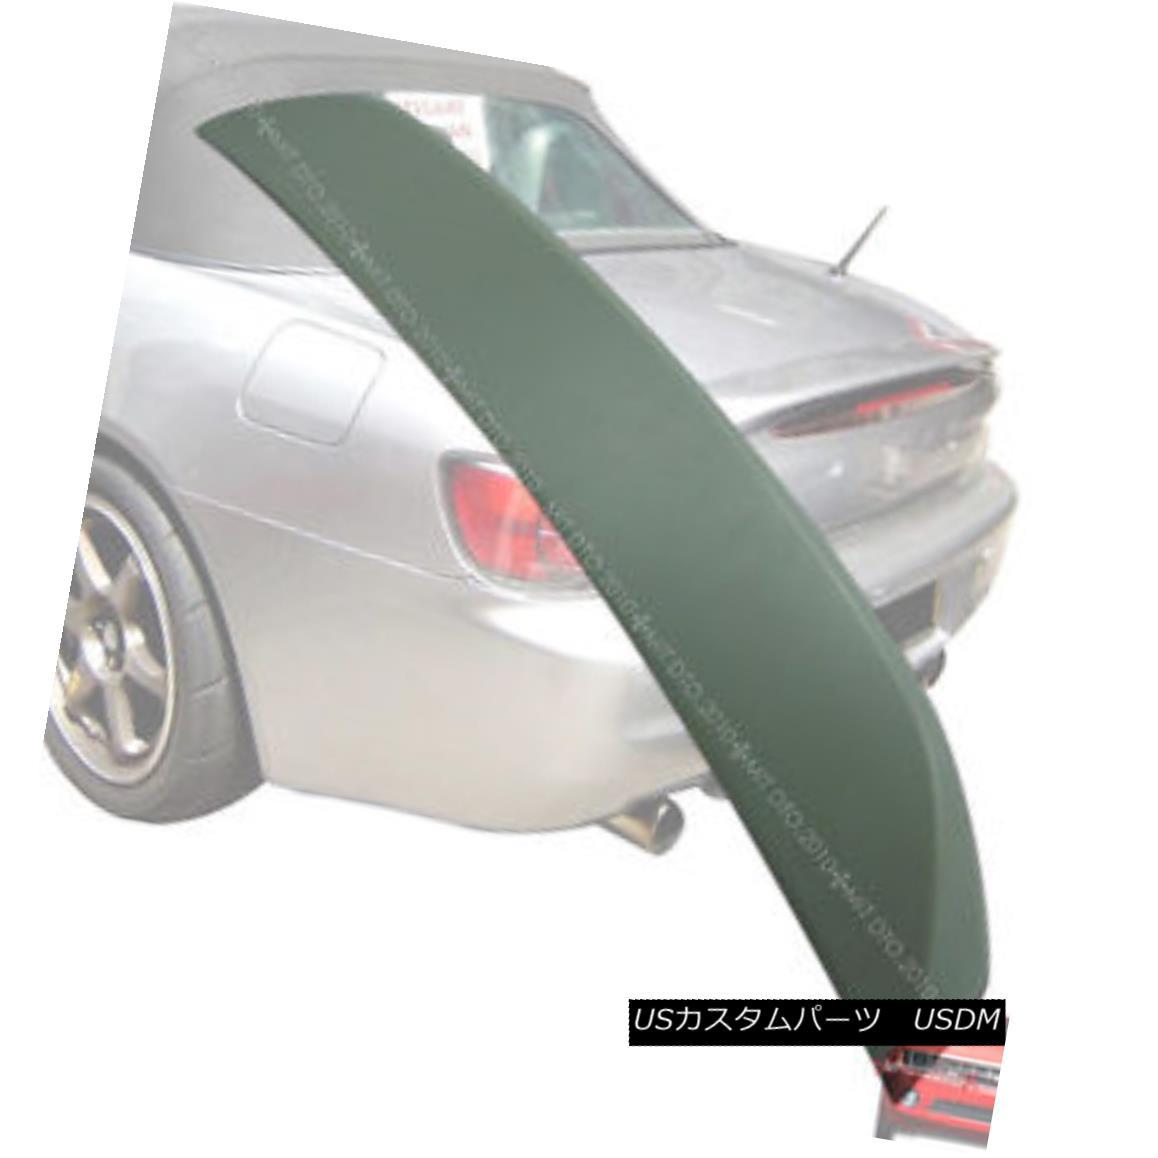 エアロパーツ For Honda S2000 OE style Boot Trunk Spoiler Wing 2000-2009 Unpainted ホンダS2000 OEスタイル用Boot Trunk Spoiler Wing 2000-2009未塗装